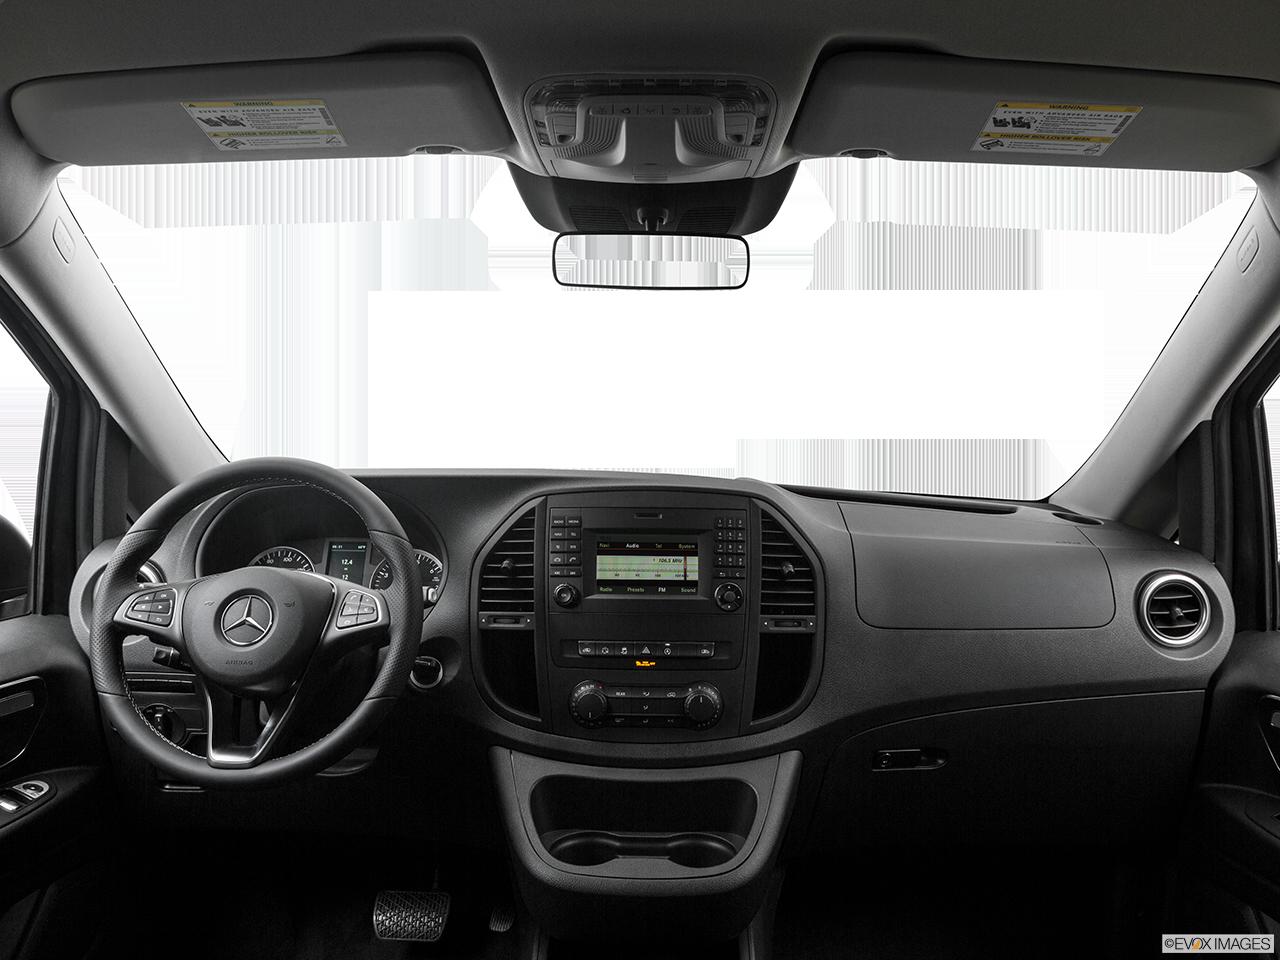 Interior View Of 2016 Mercedes-Benz METRIS Passenger Van in El Cajon